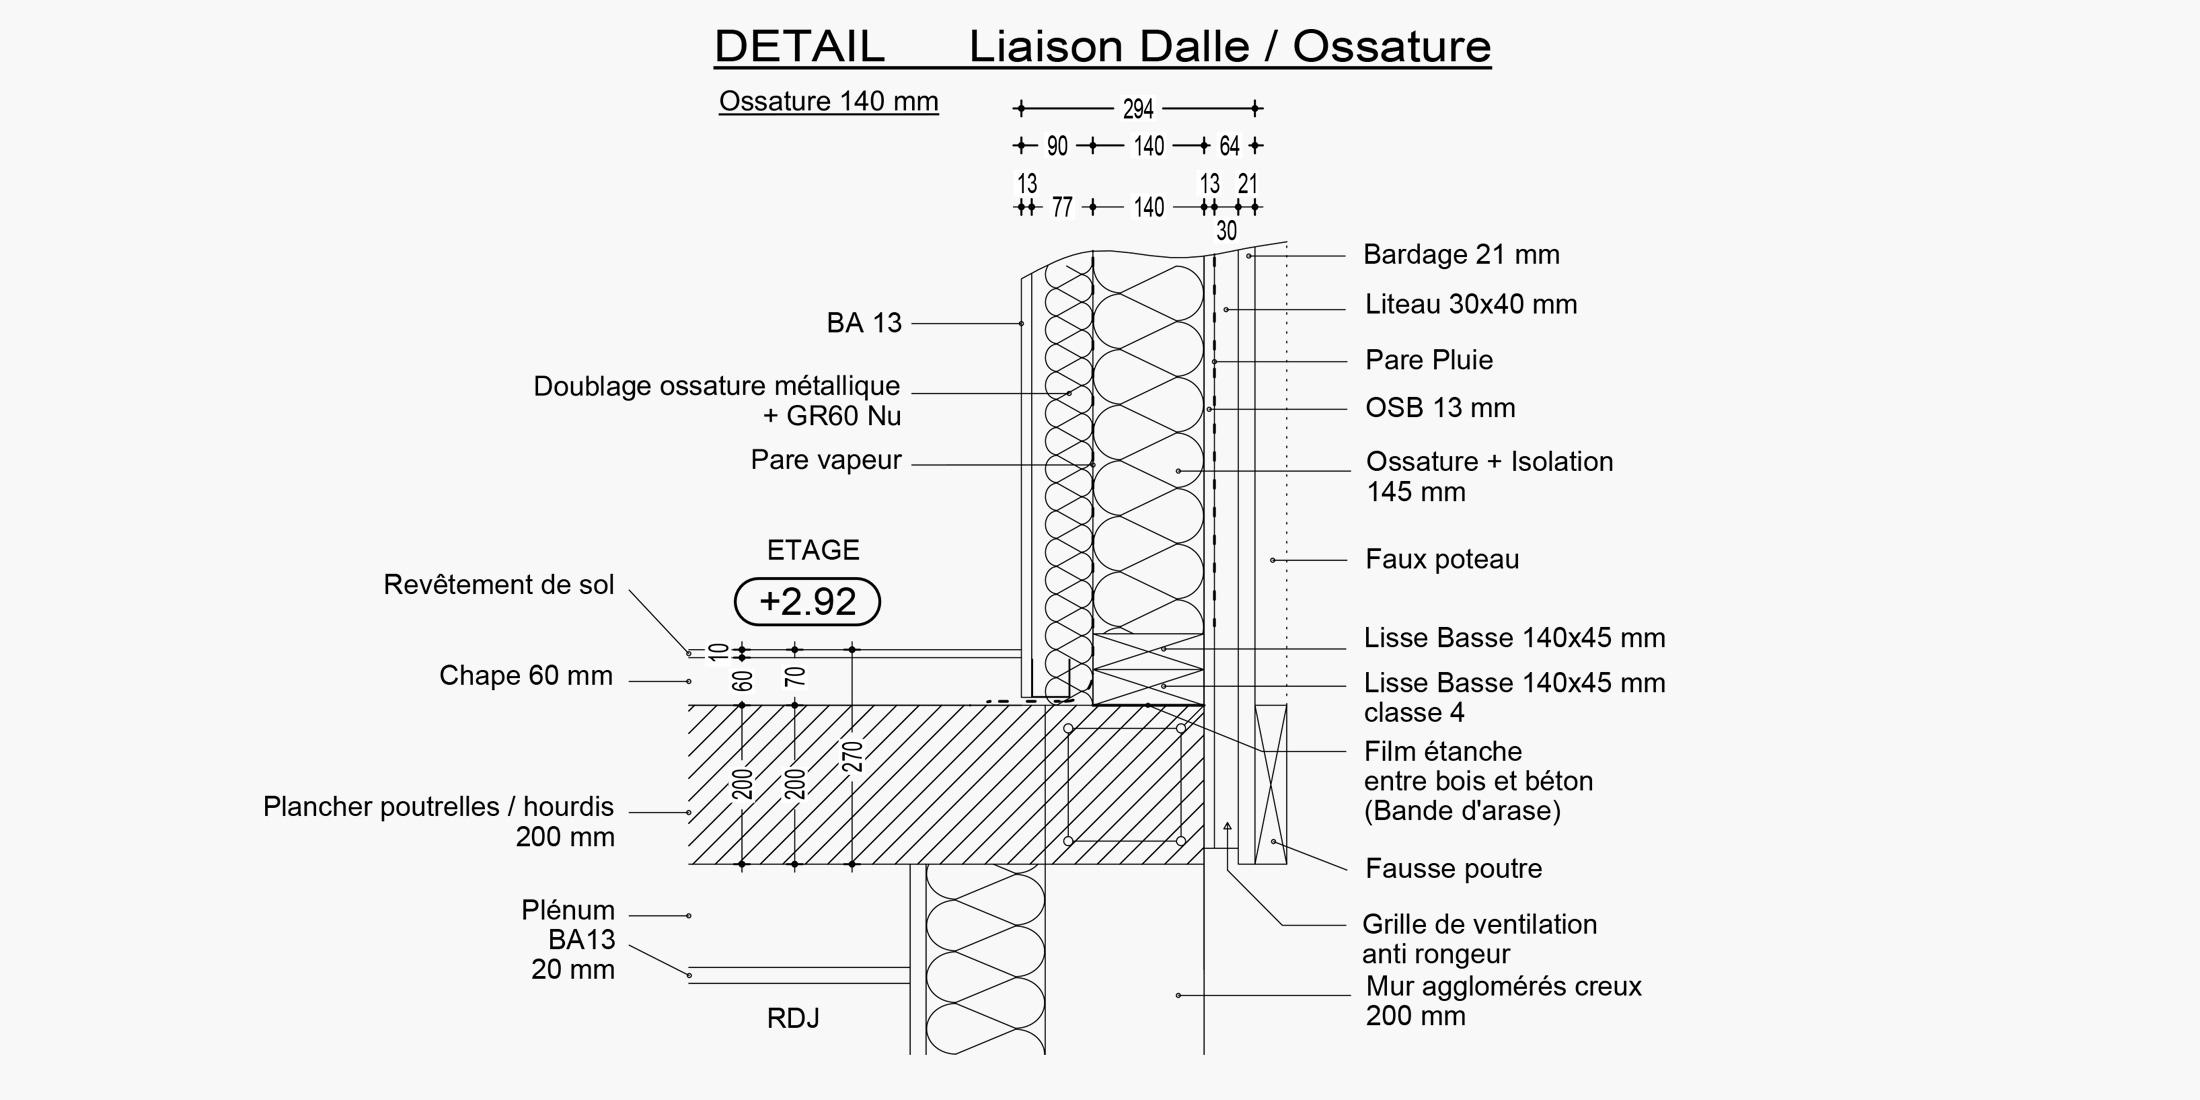 Plan pour extension maison ossature bois moderne, traditionnelle, ancienne - Savoie Plan